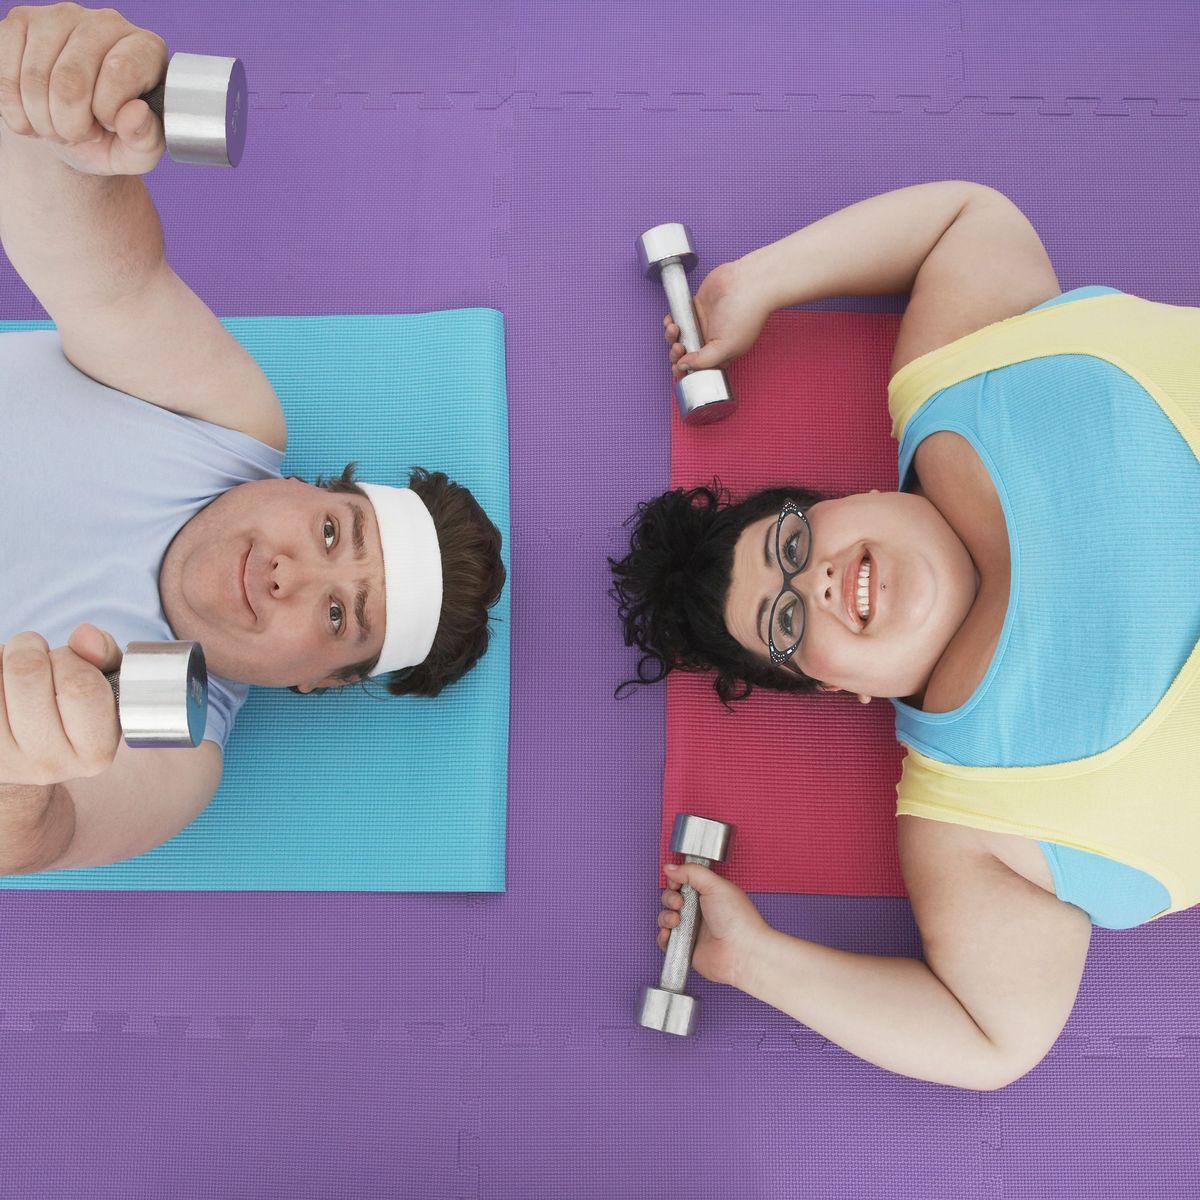 Müssen motiviert bleiben, um Gewicht zu verlieren